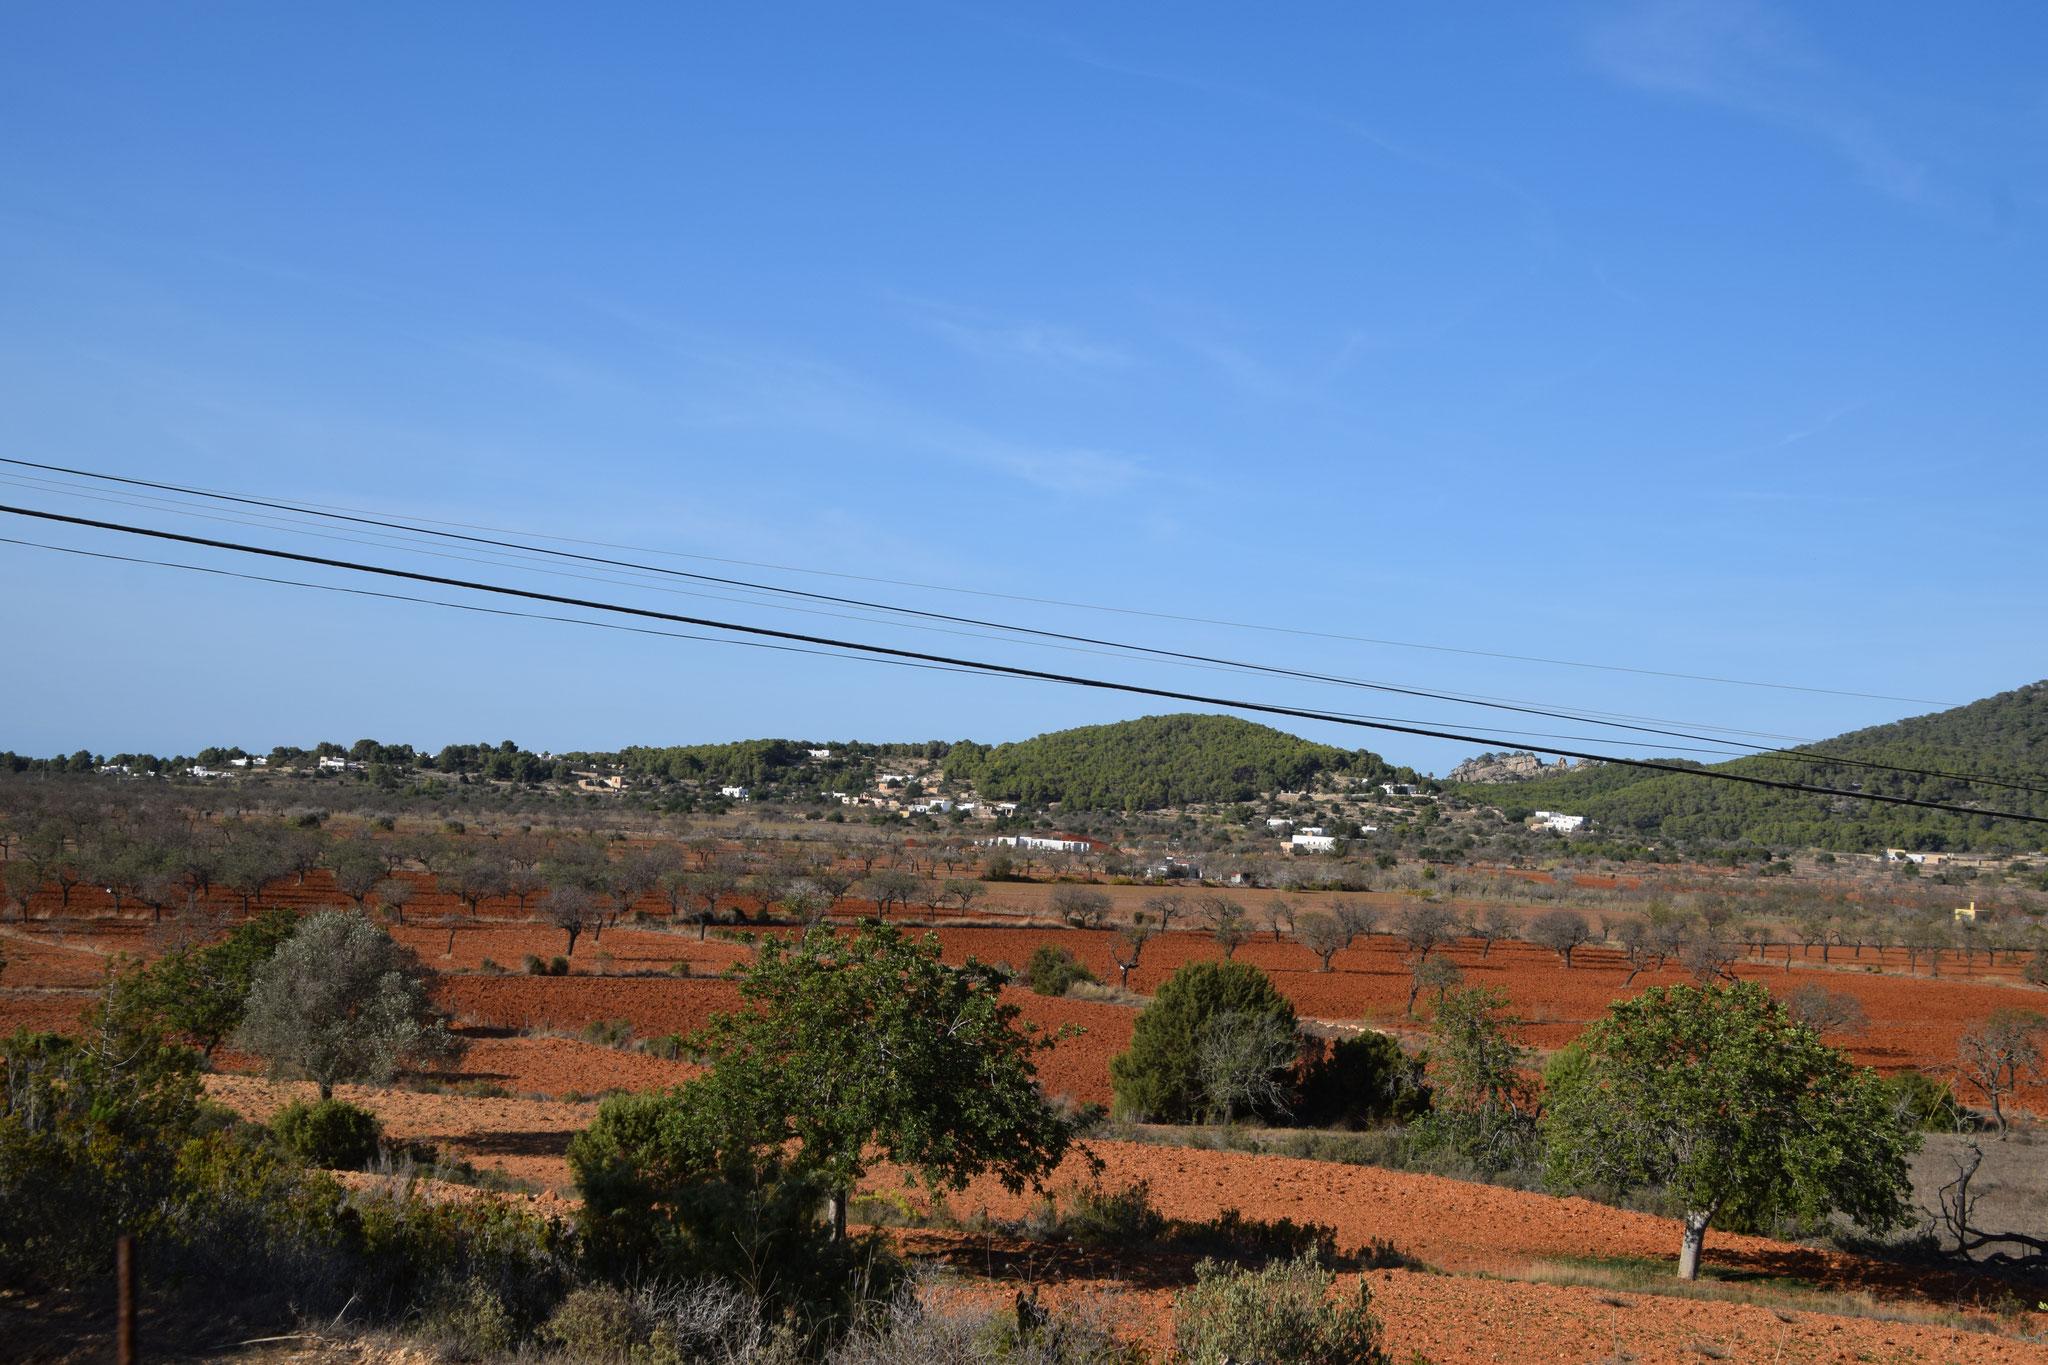 Sehr gepflegte Oliven- und Mandelbaumfelder